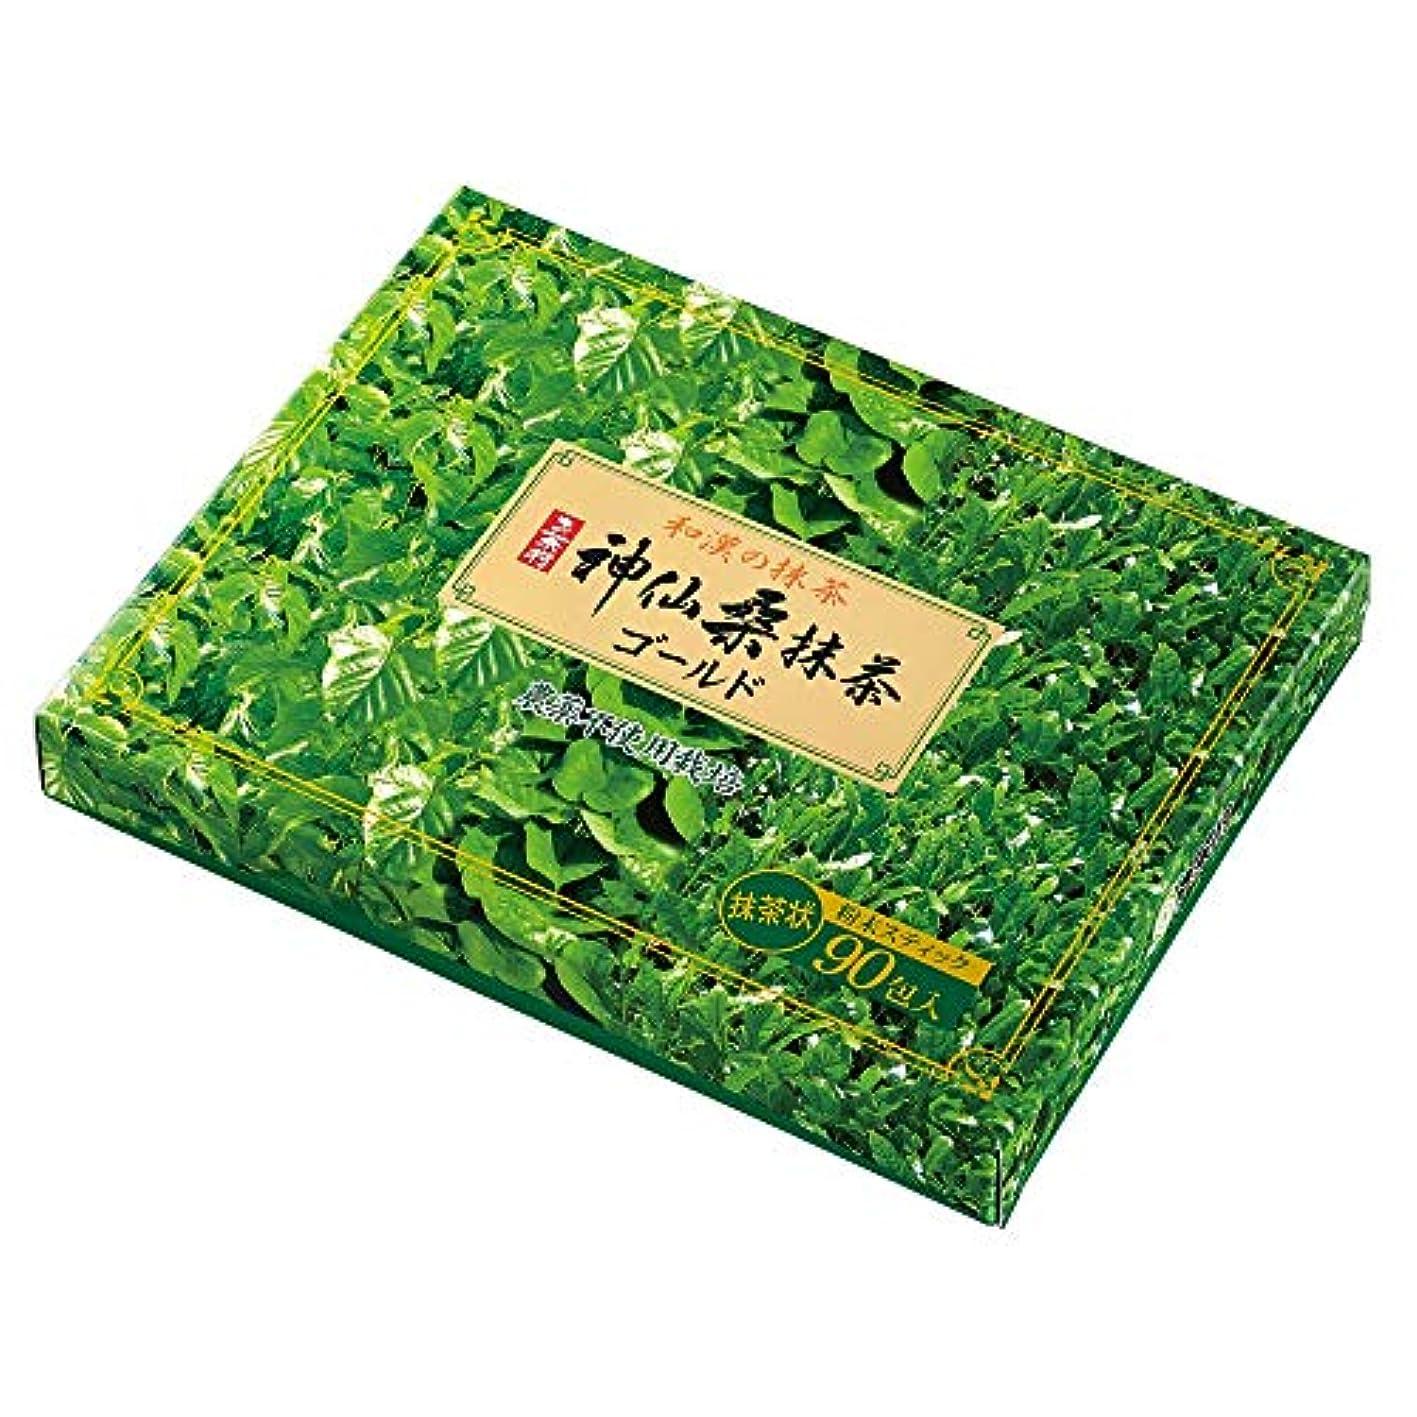 オリエンテーションいわゆるサンドイッチお茶村 青汁 神仙 桑抹茶 ゴールド 90包 入り